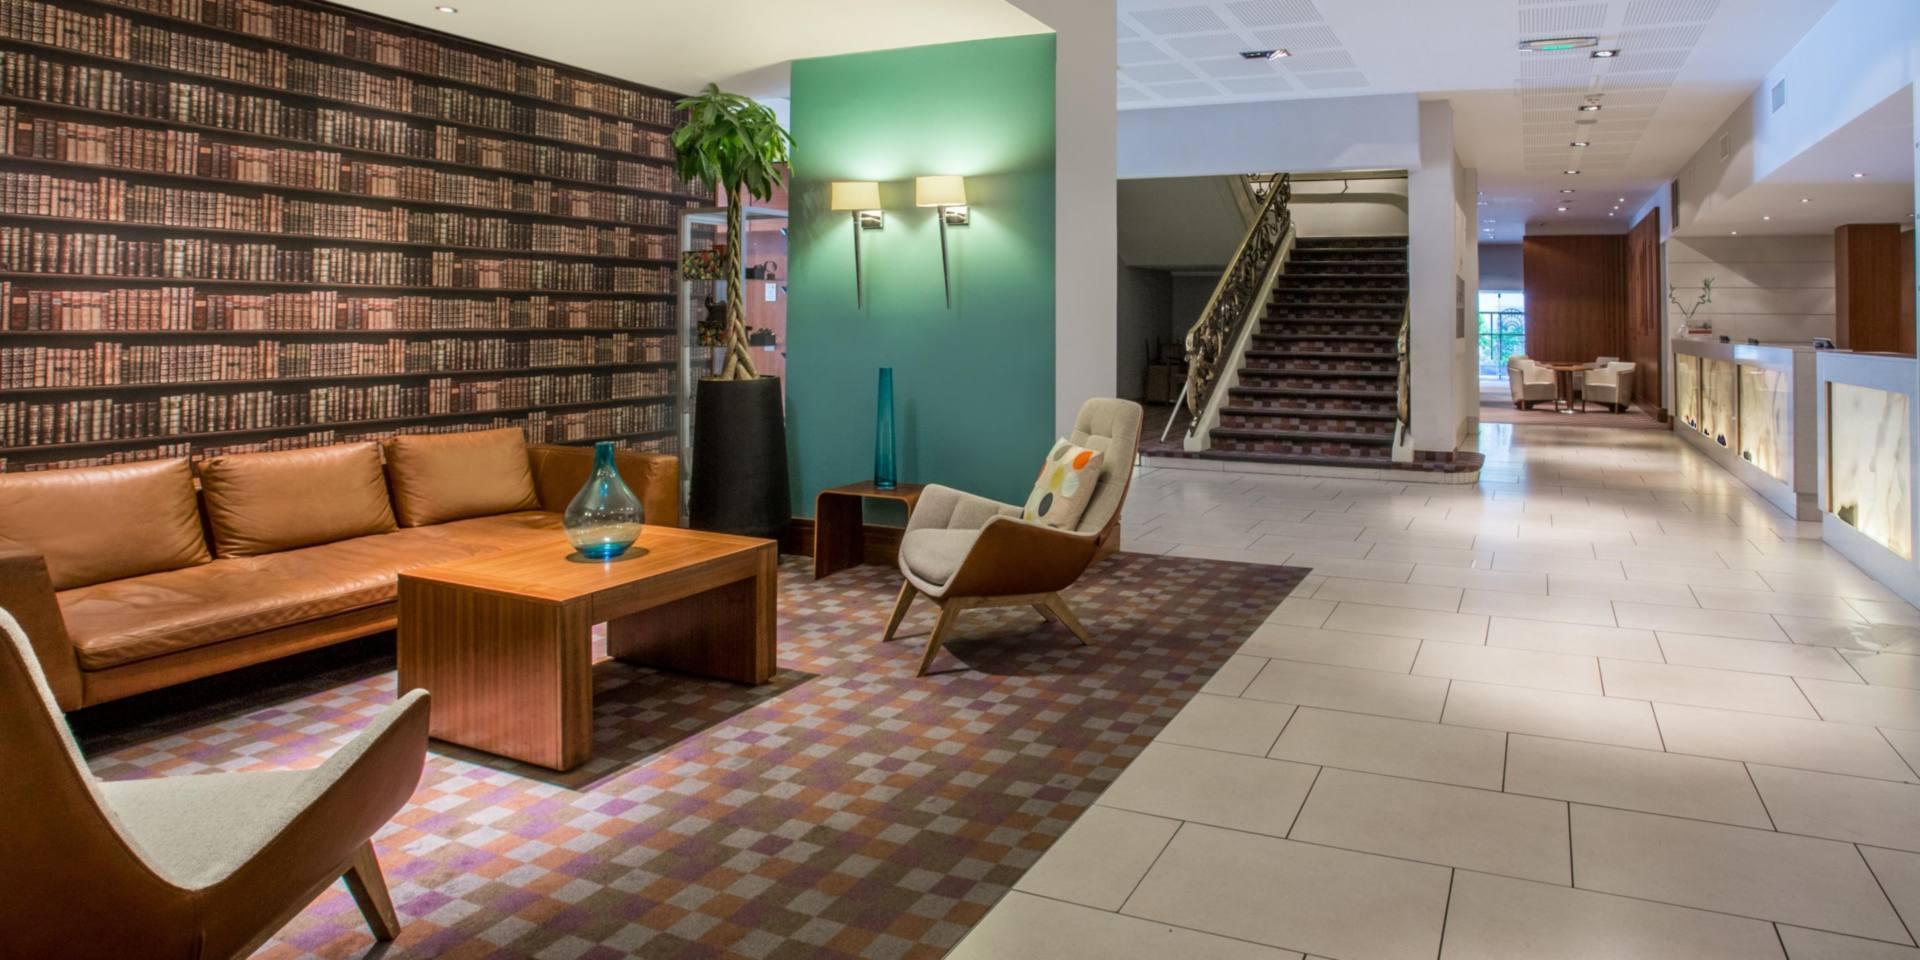 ATHANOR-conception-suivi-realisation-projet-immobilier-crowne-plaza-paris-1